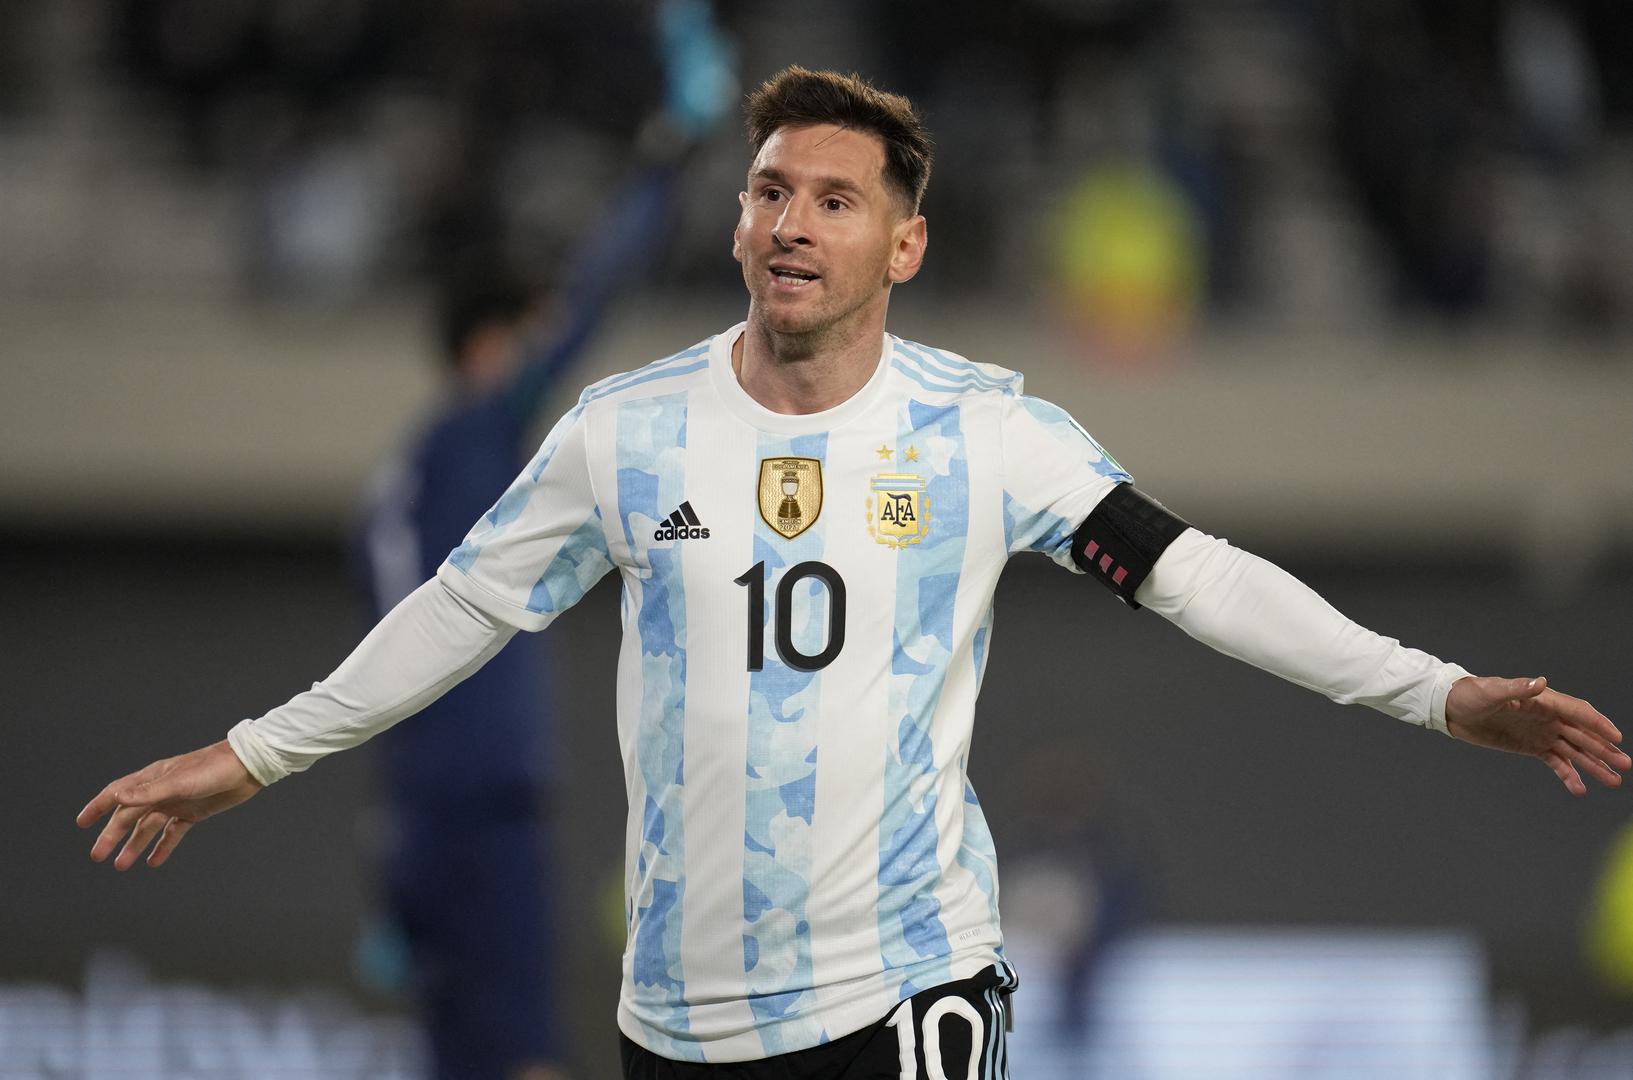 شاهد.. هاتريك ميسي يقود الأرجنتين للانتصار ويتخطى بيليه بهدفين